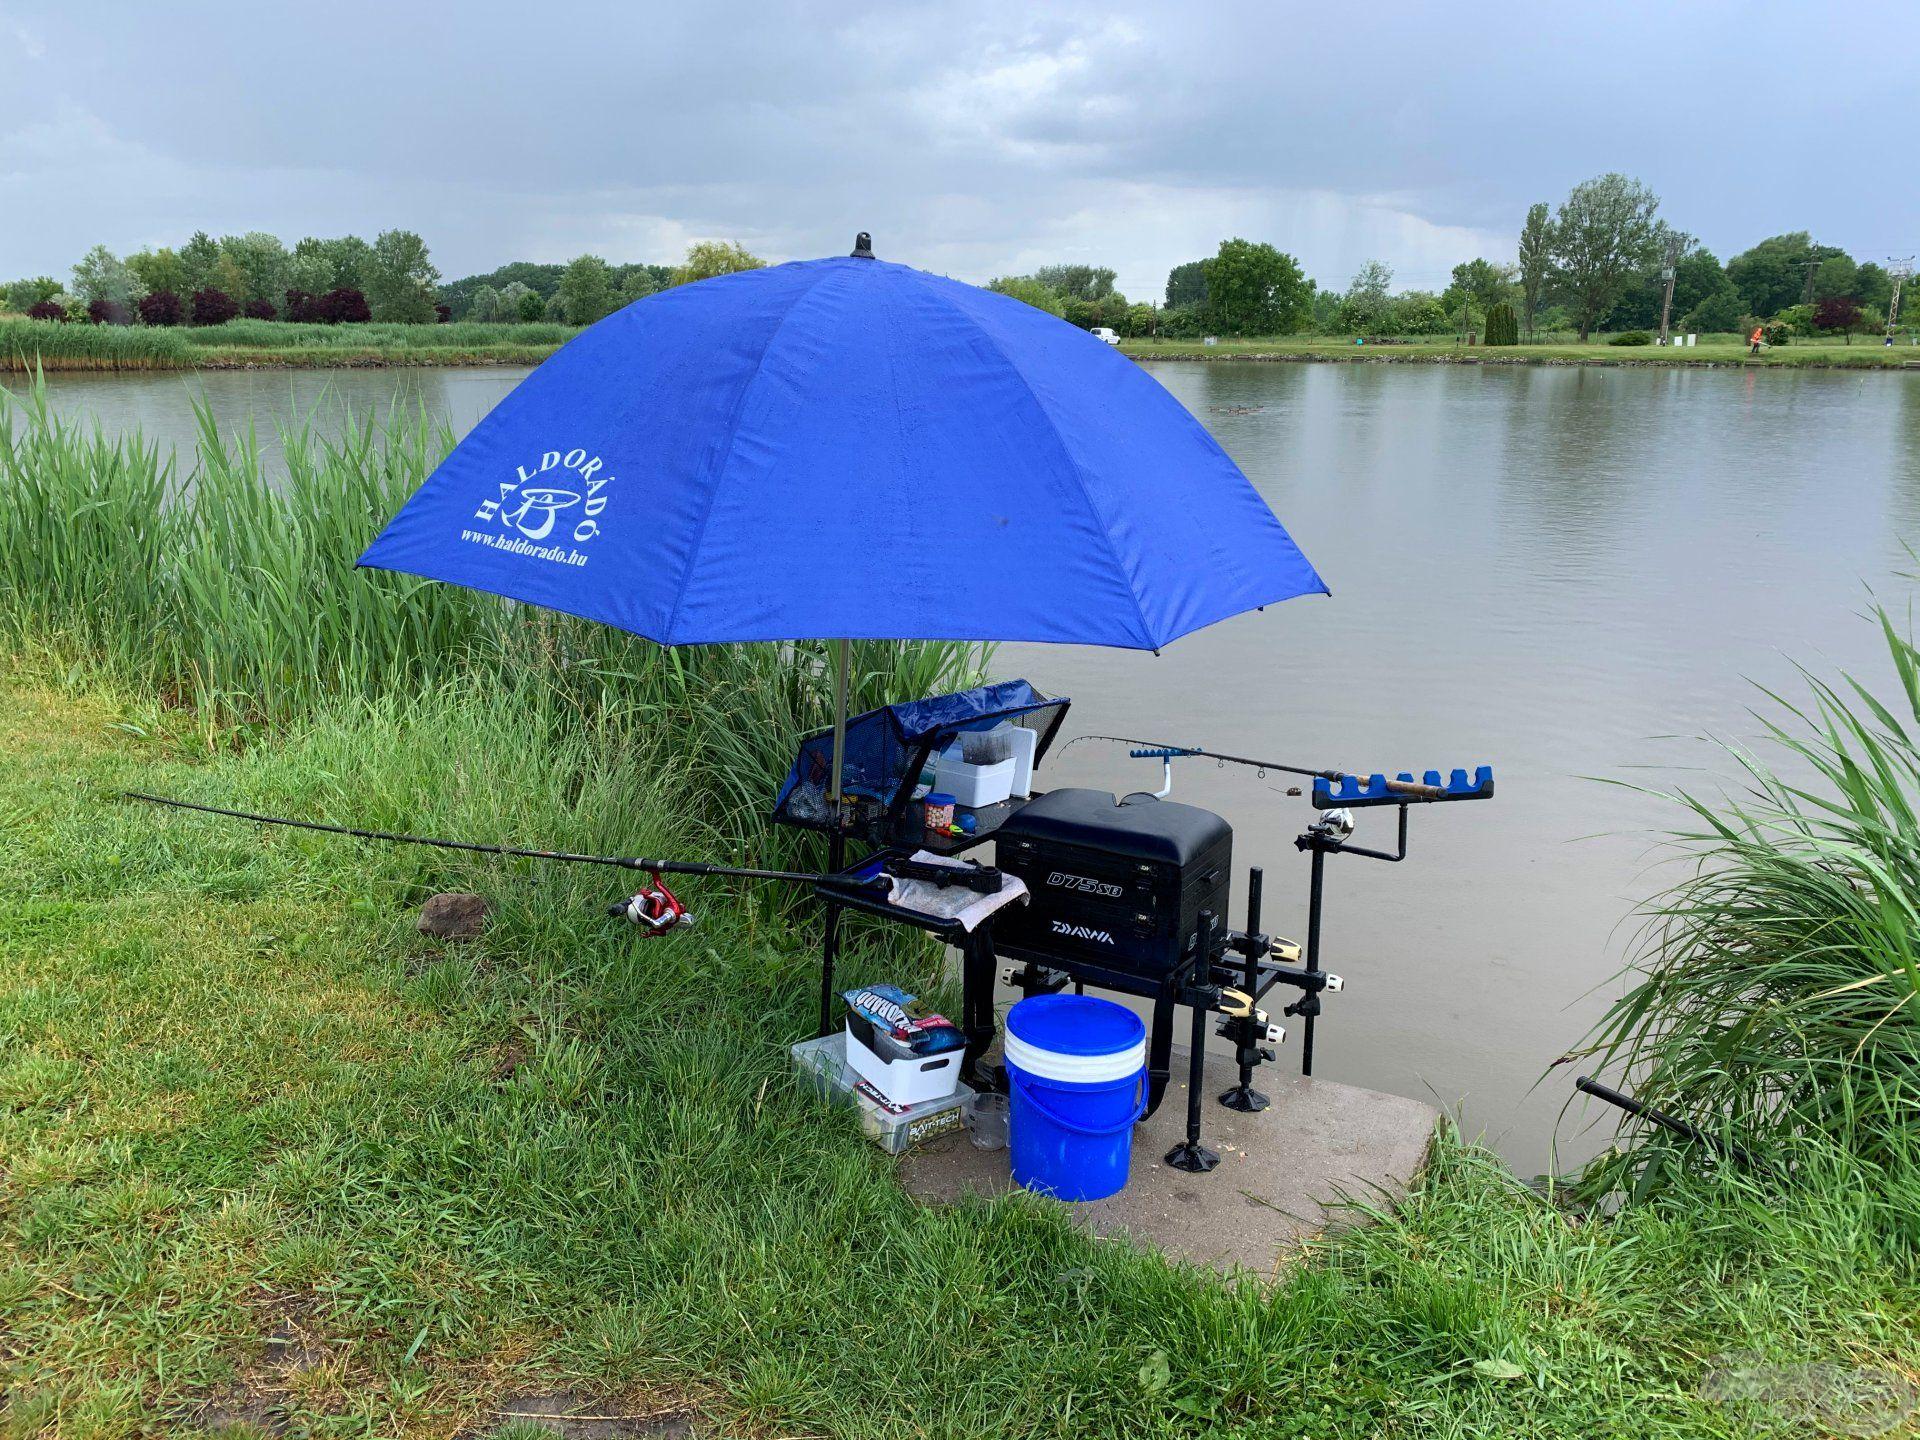 … a horgászállásomhoz pedig felállítottam az ernyőmet